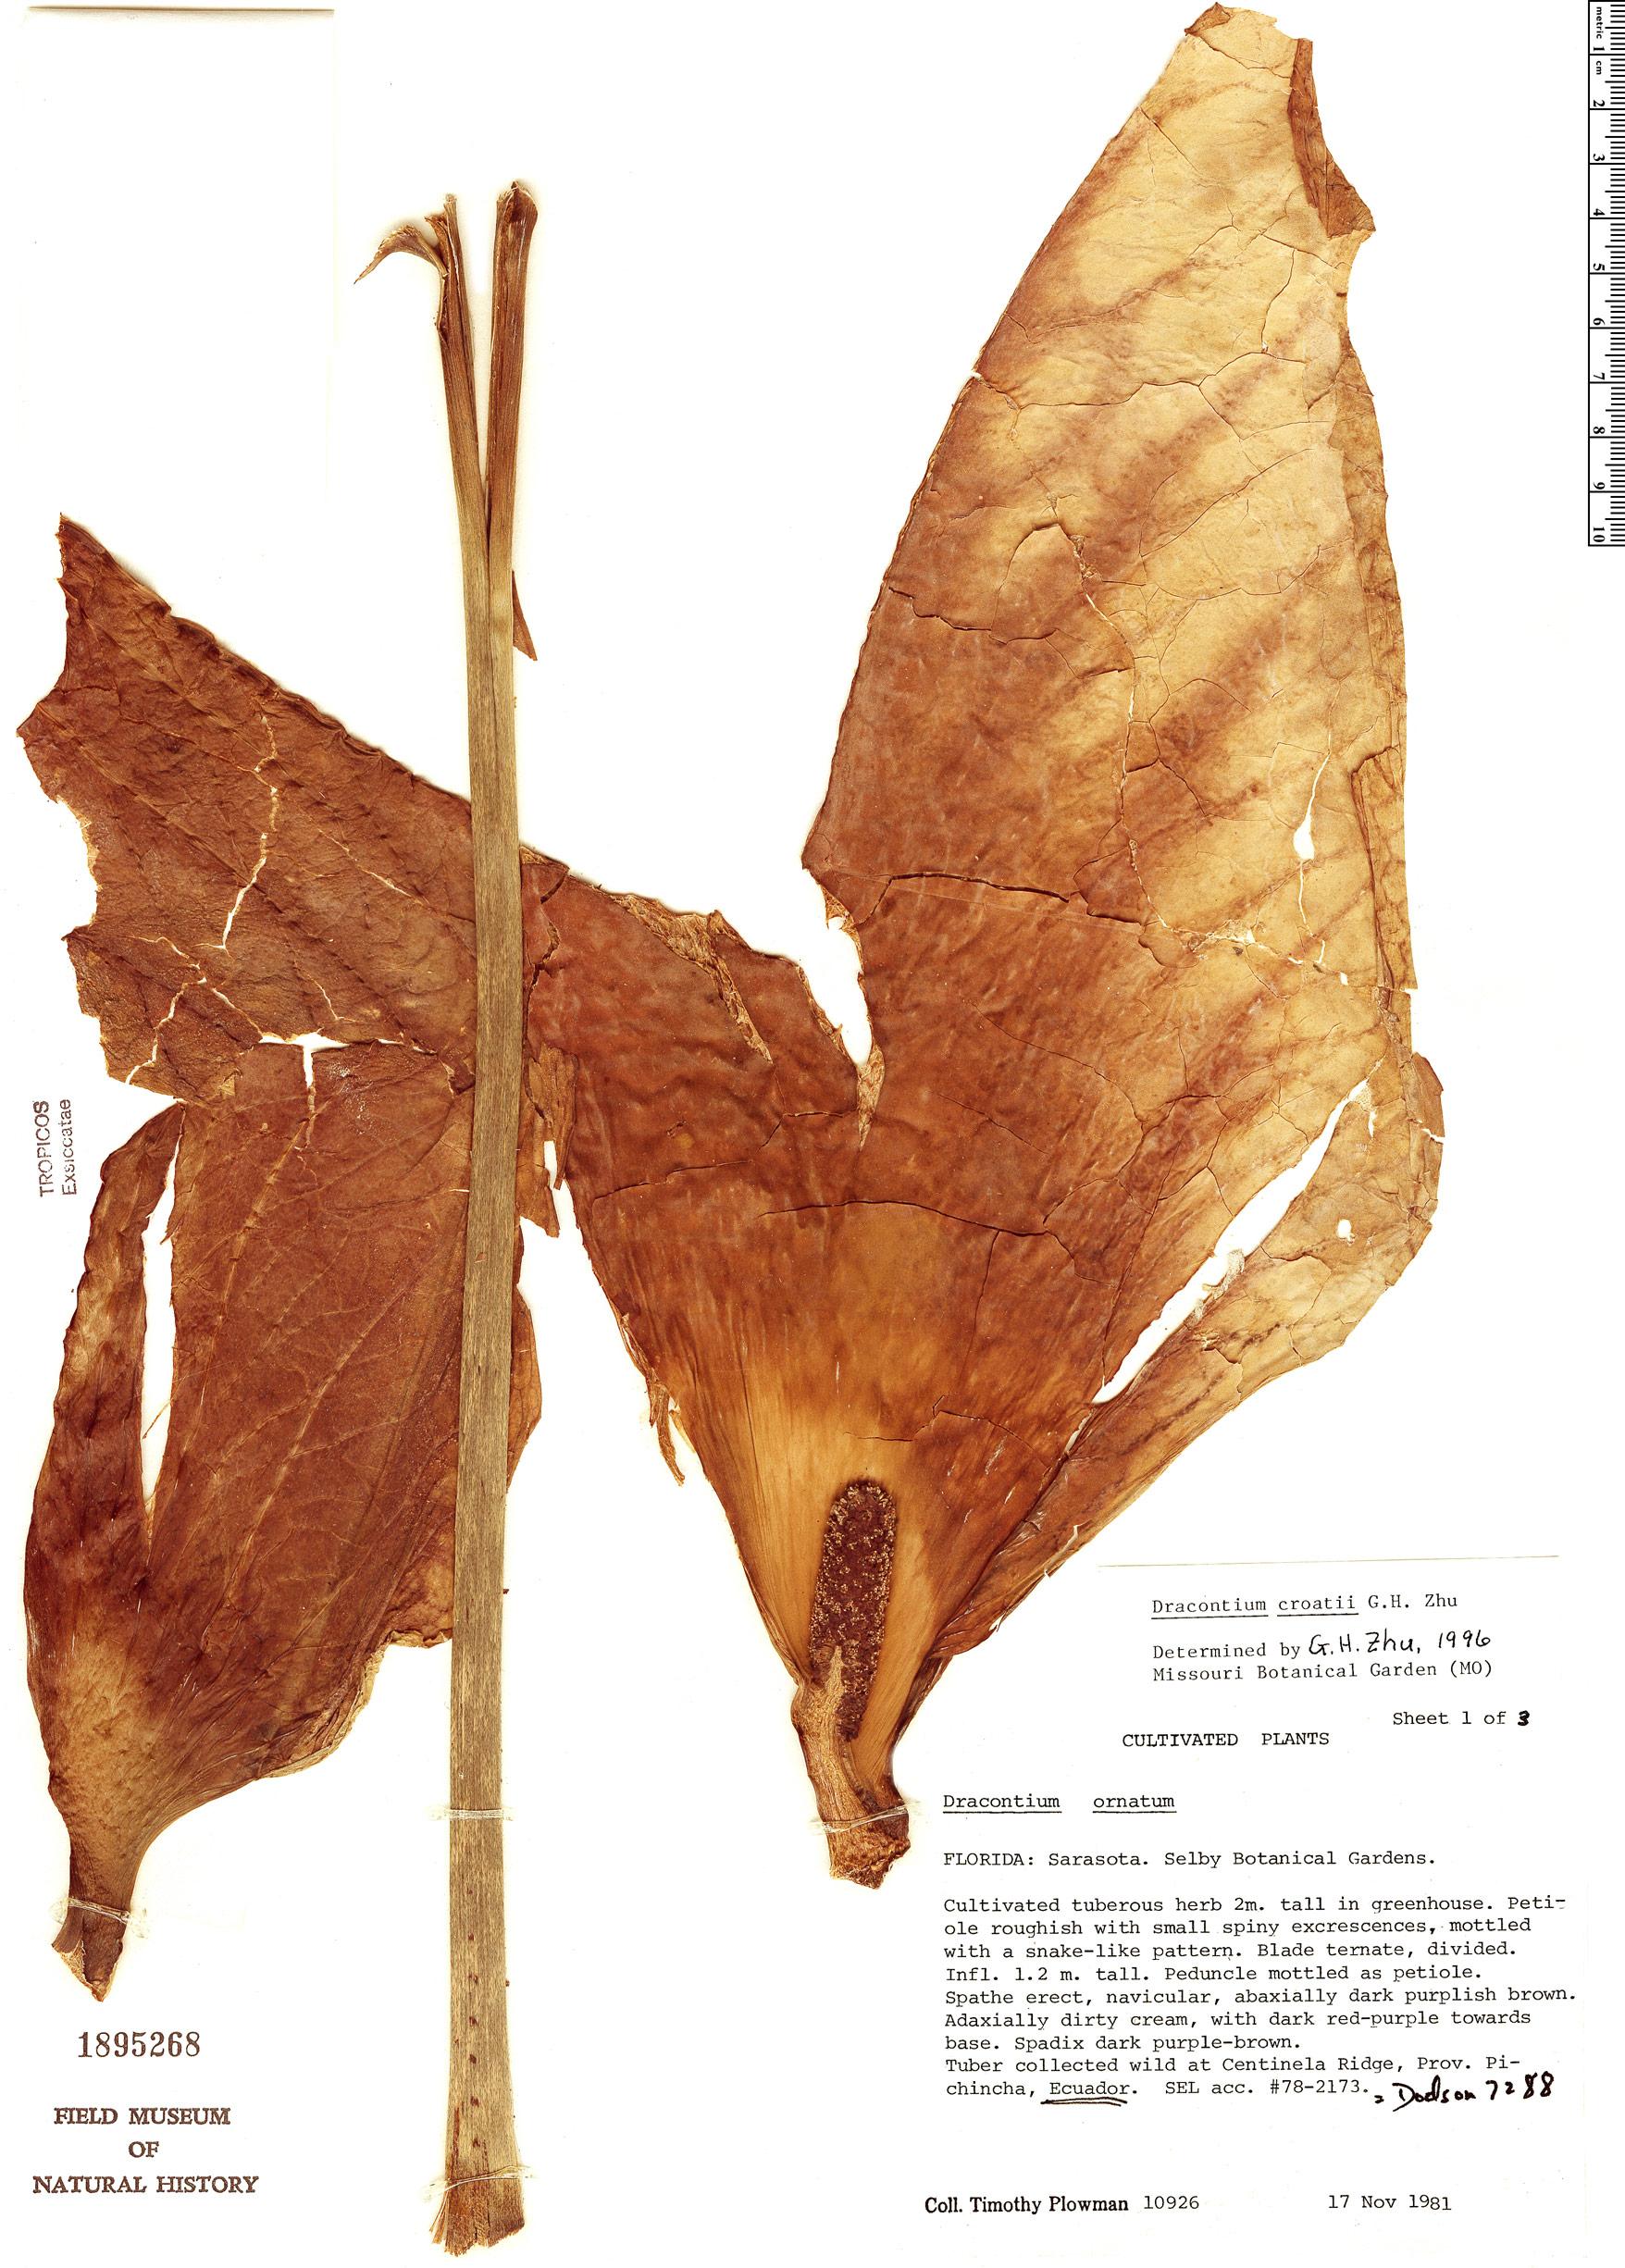 Specimen: Dracontium croatii